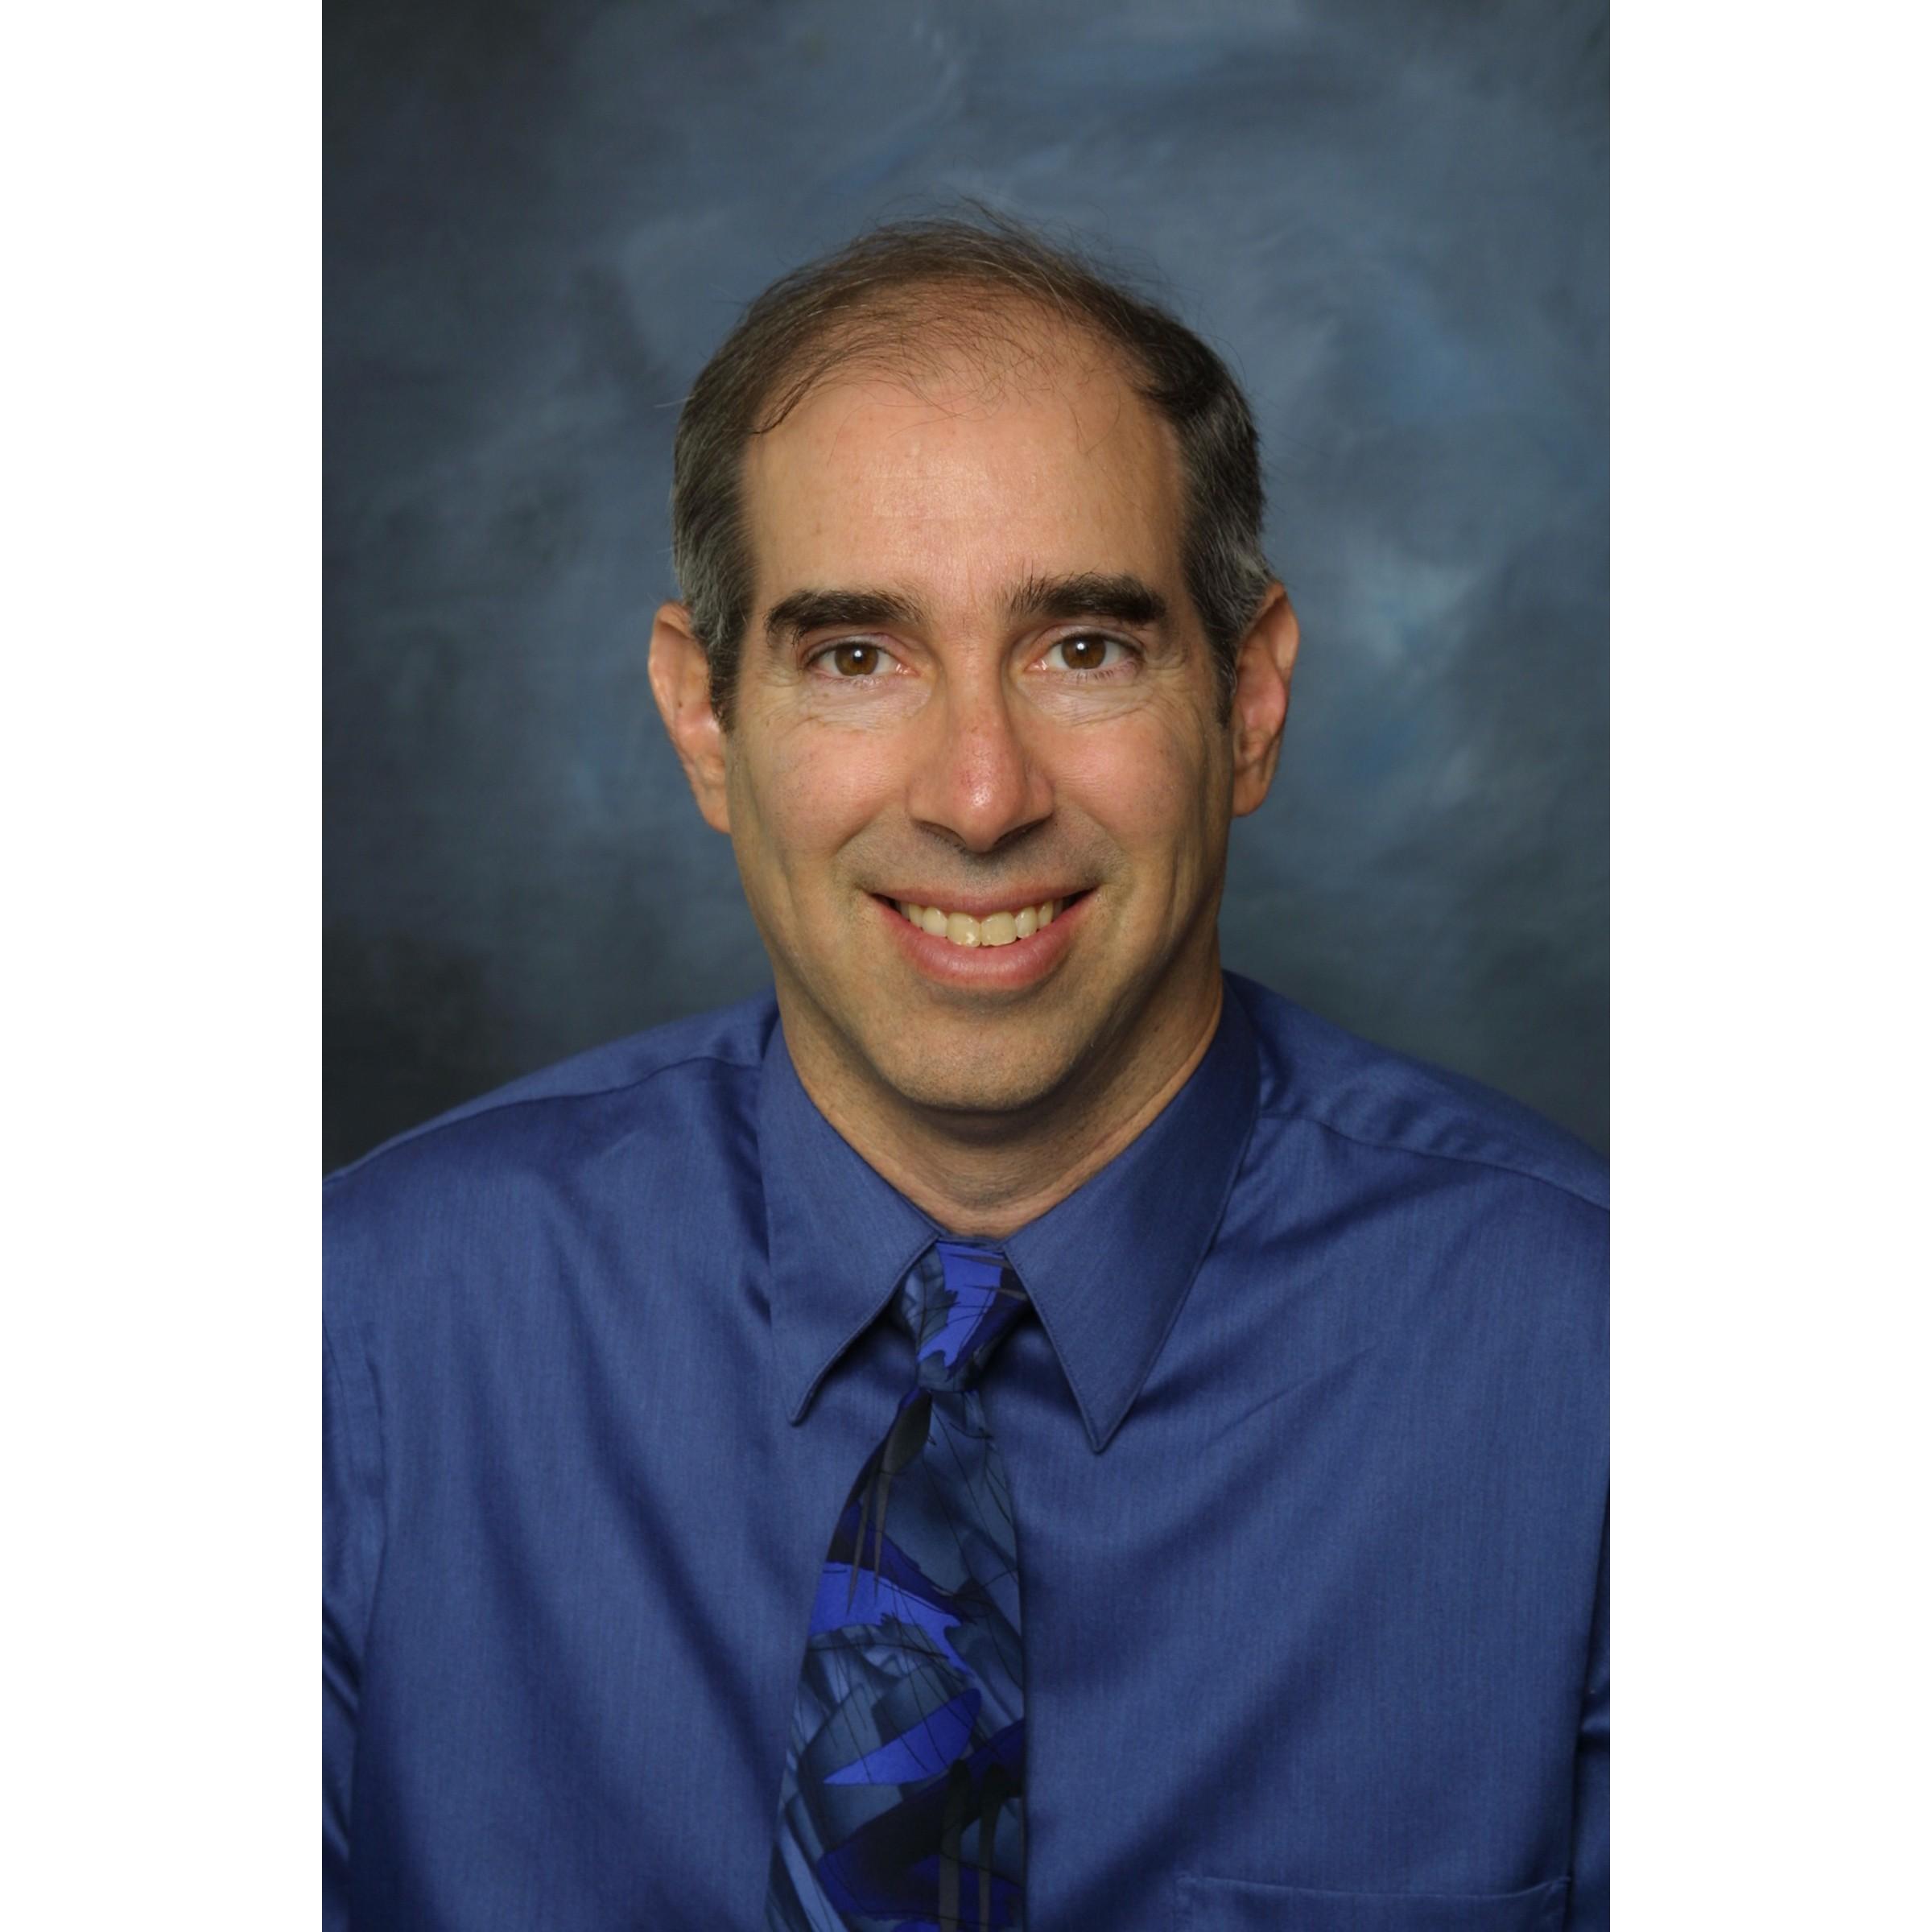 Robert B. Frankel, MD